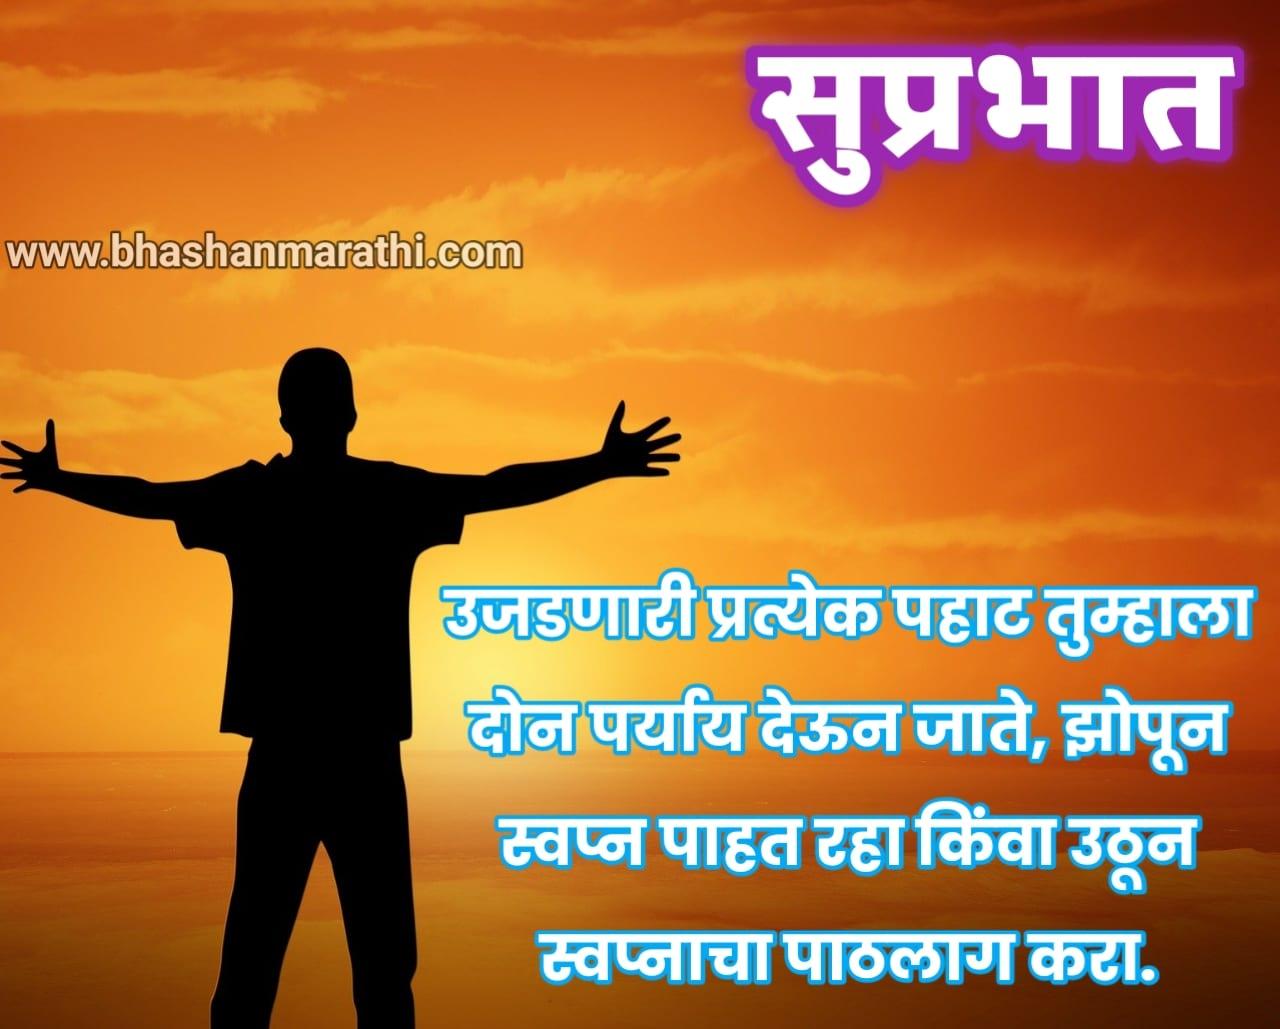 suprabhat marathi images